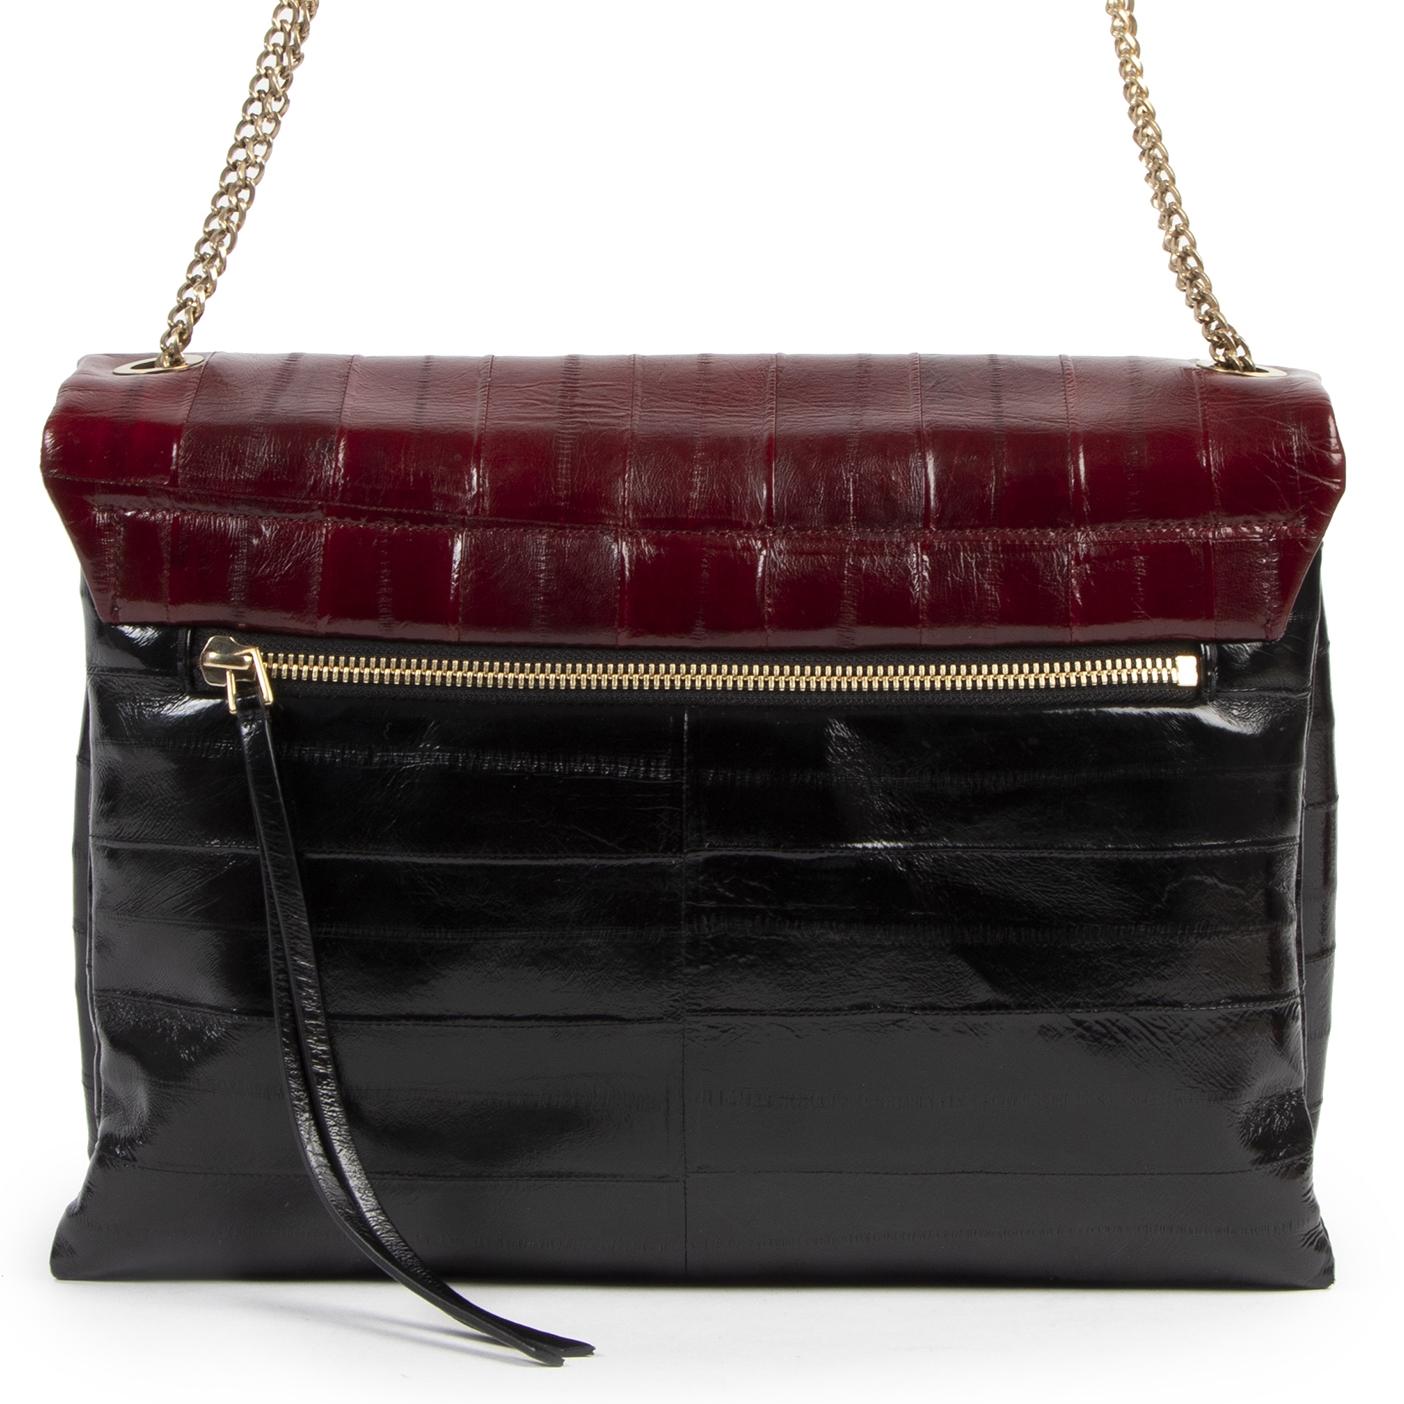 Authentieke Tweedehands Lanvin Black and Red Eel Leather Sugar Bag juiste prijs veilig online shoppen luxe merken webshop winkelen Antwerpen België mode fashion